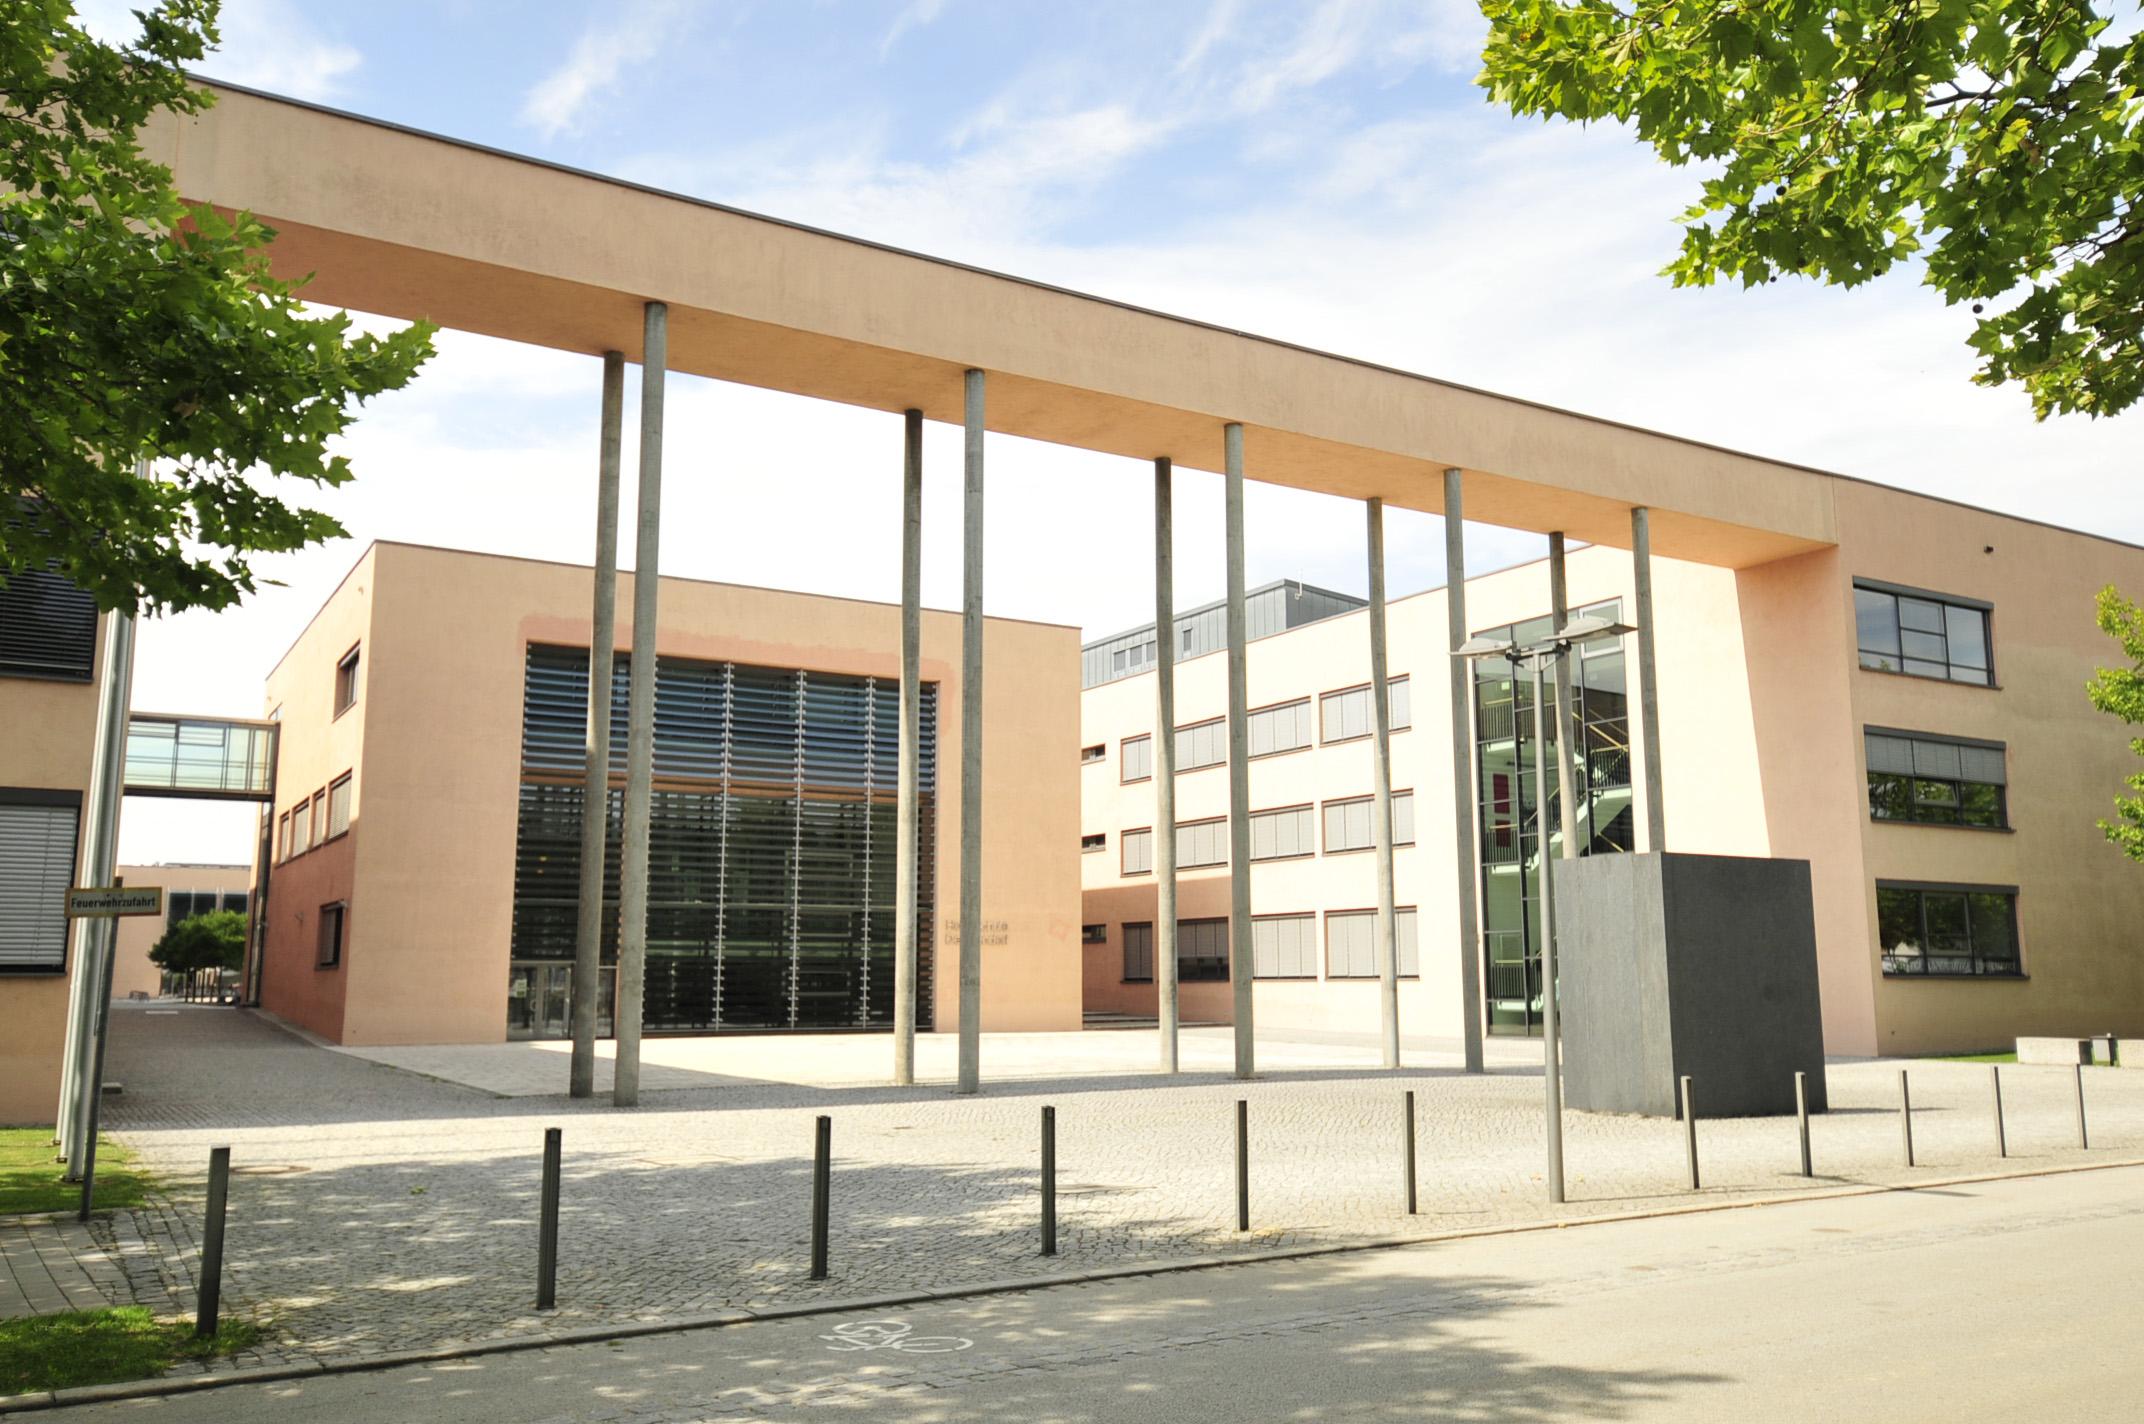 Campus der Technischen Hochschule in Deggendorf © TH Deggendorf